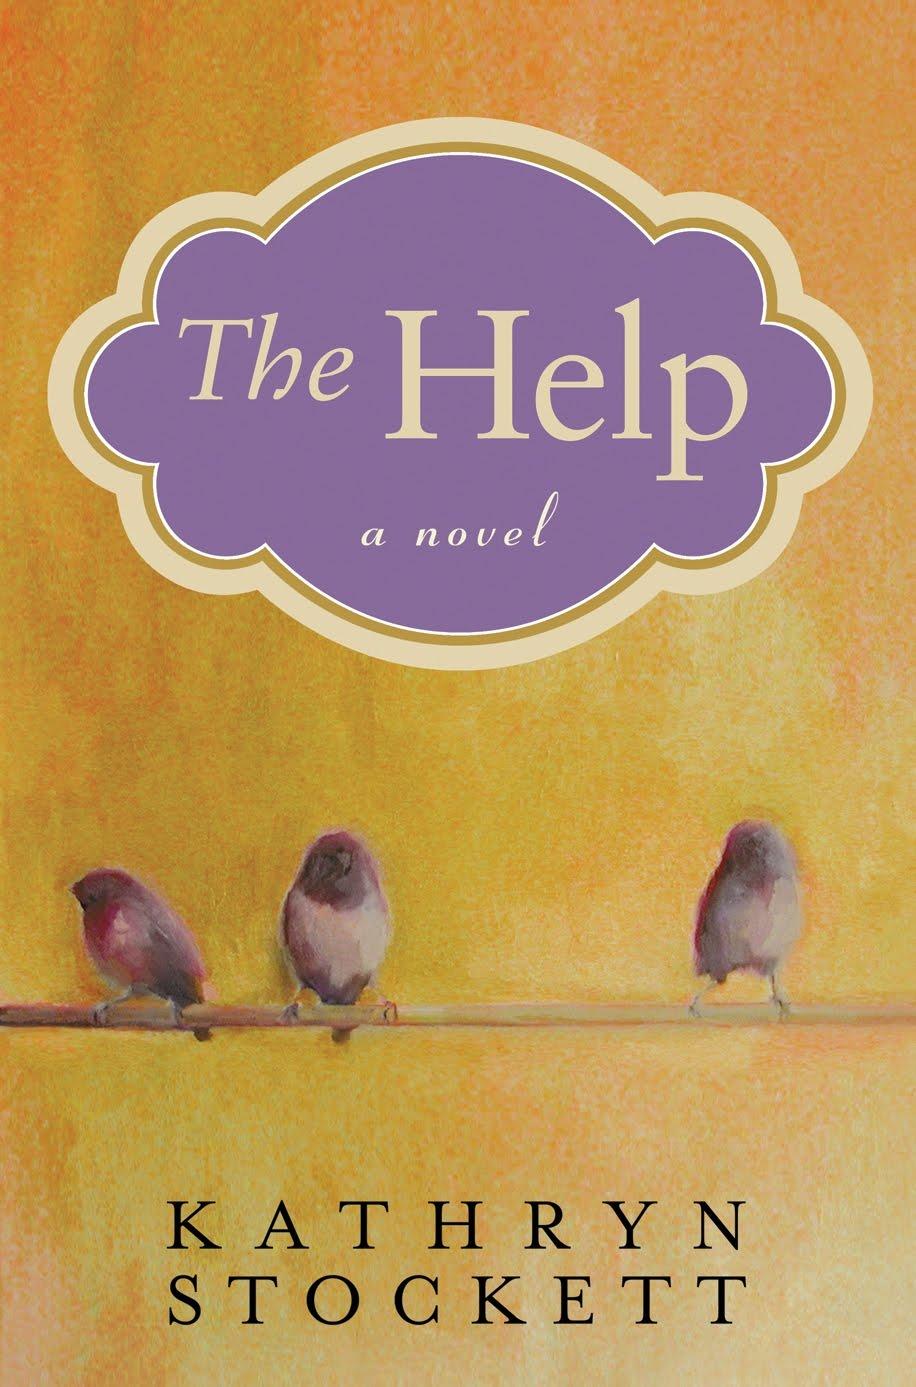 2.bp.blogspot.com__dX-OdaMZJt0_TJvhg0ItFVI_AAAAAAAAG88_6a9E3ojV21U_s1600_help-book